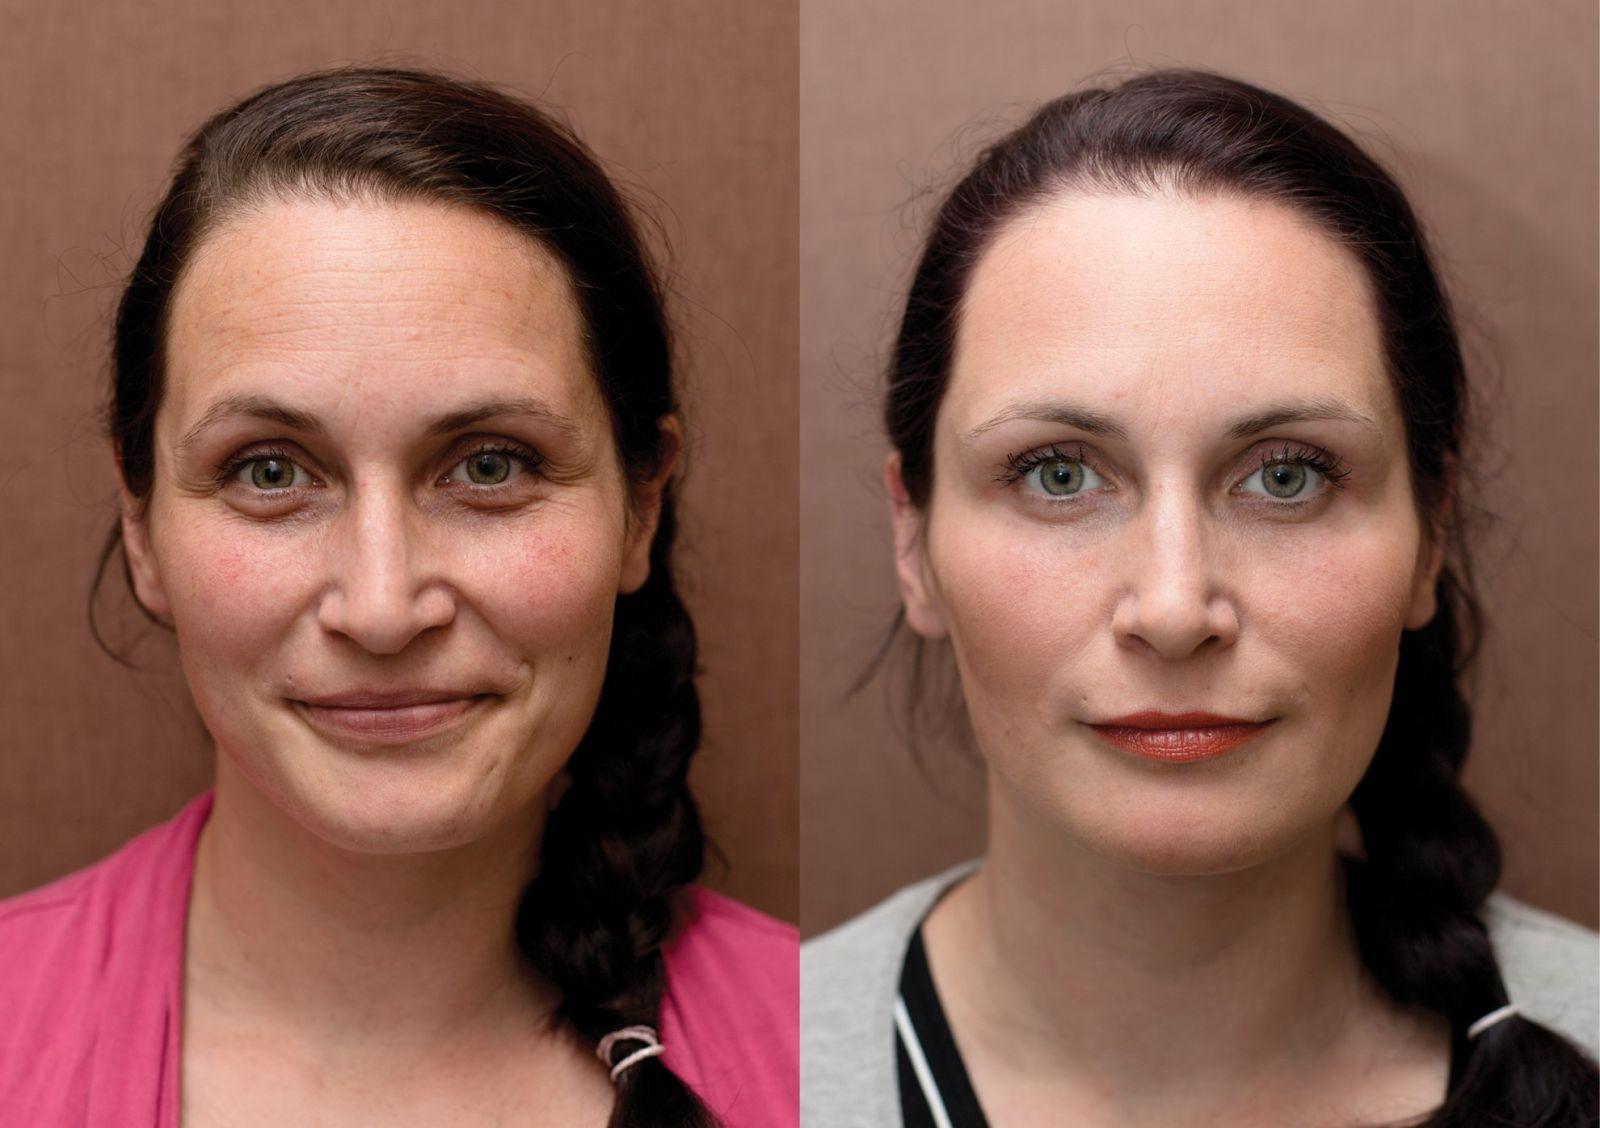 Anti-aging proměny: Mezoterapie očního okolí, plasmaterapie, výplň rtů